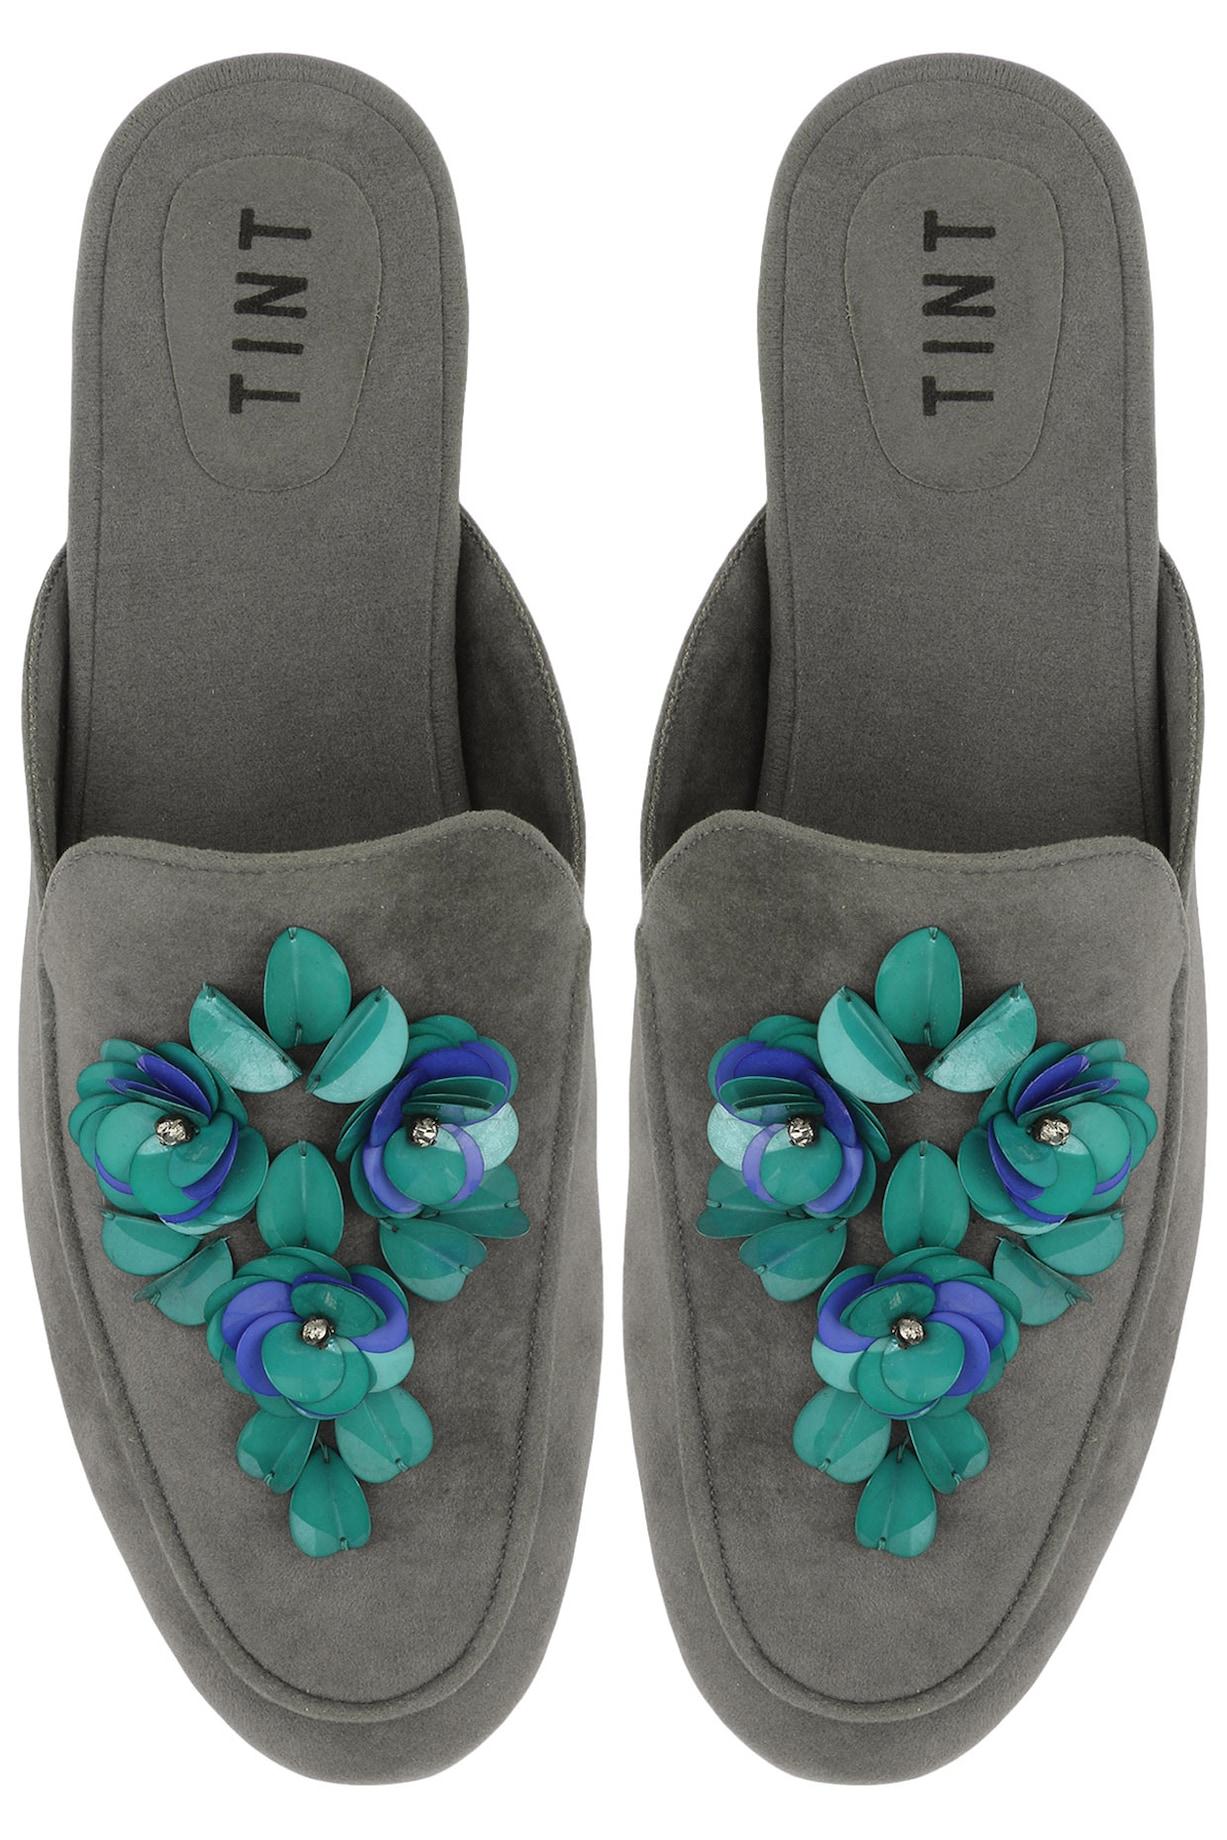 TEAL BY VRINDA GUPTA Sandals